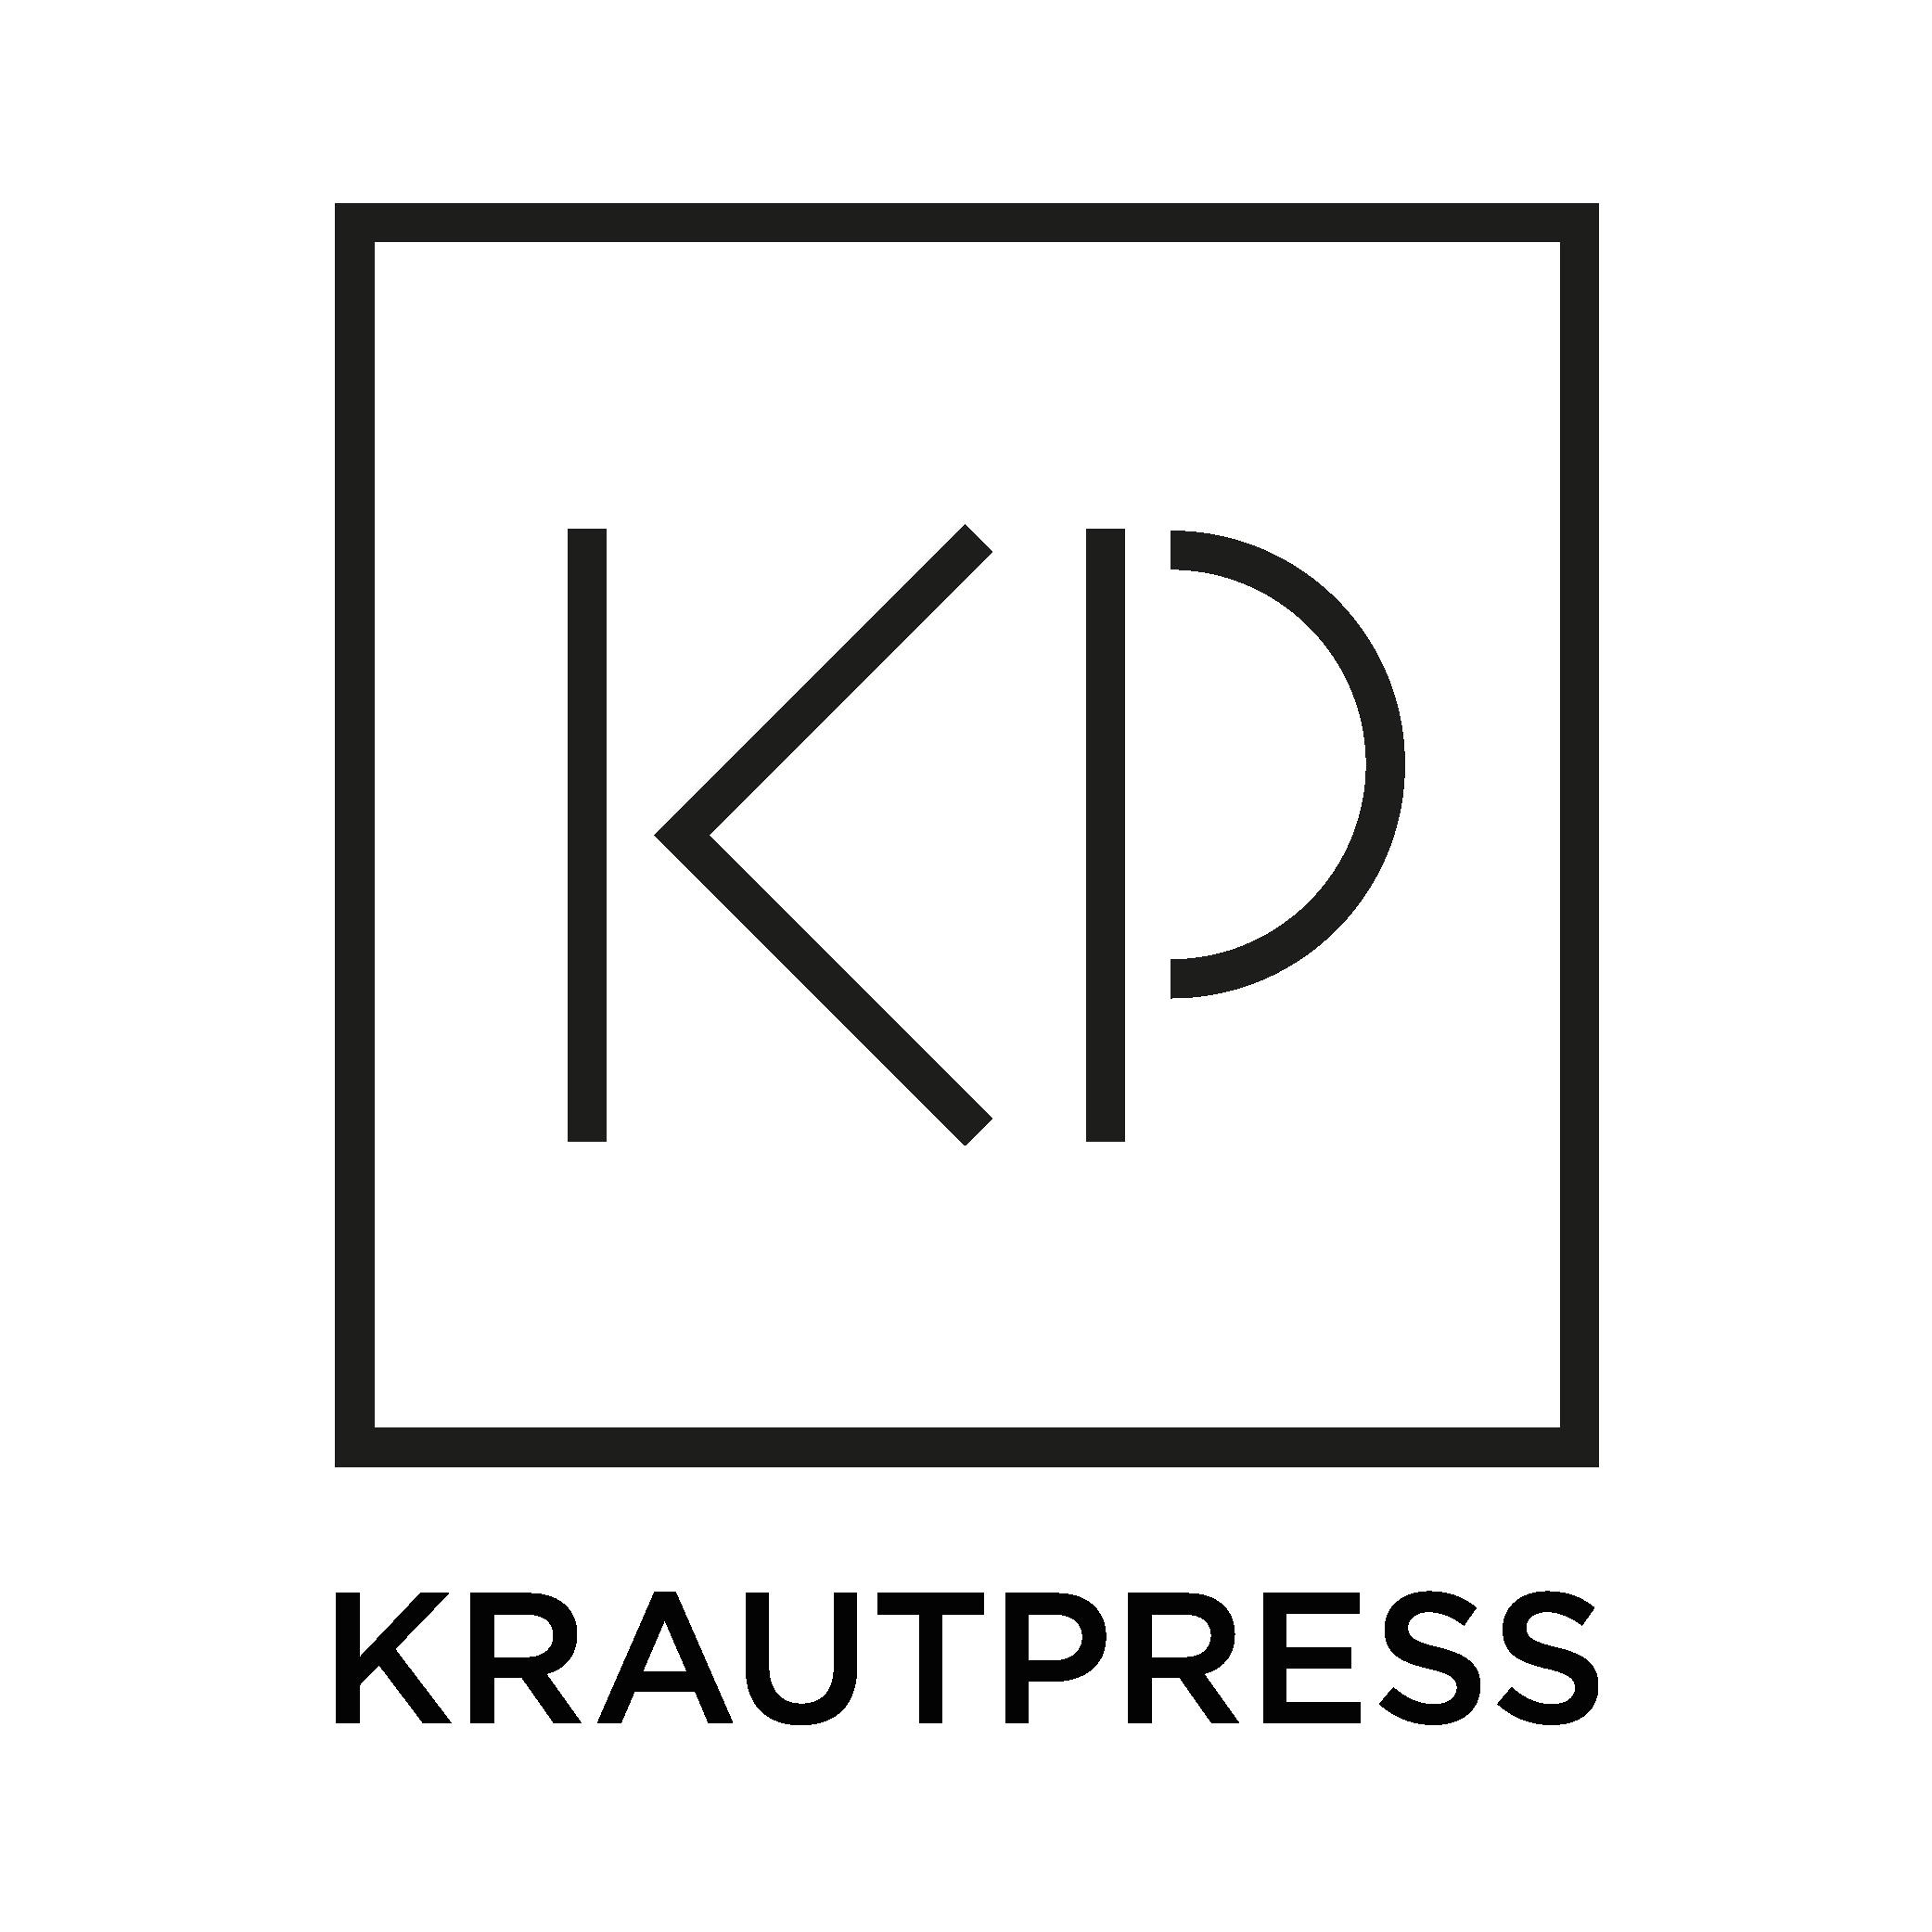 KrautPress